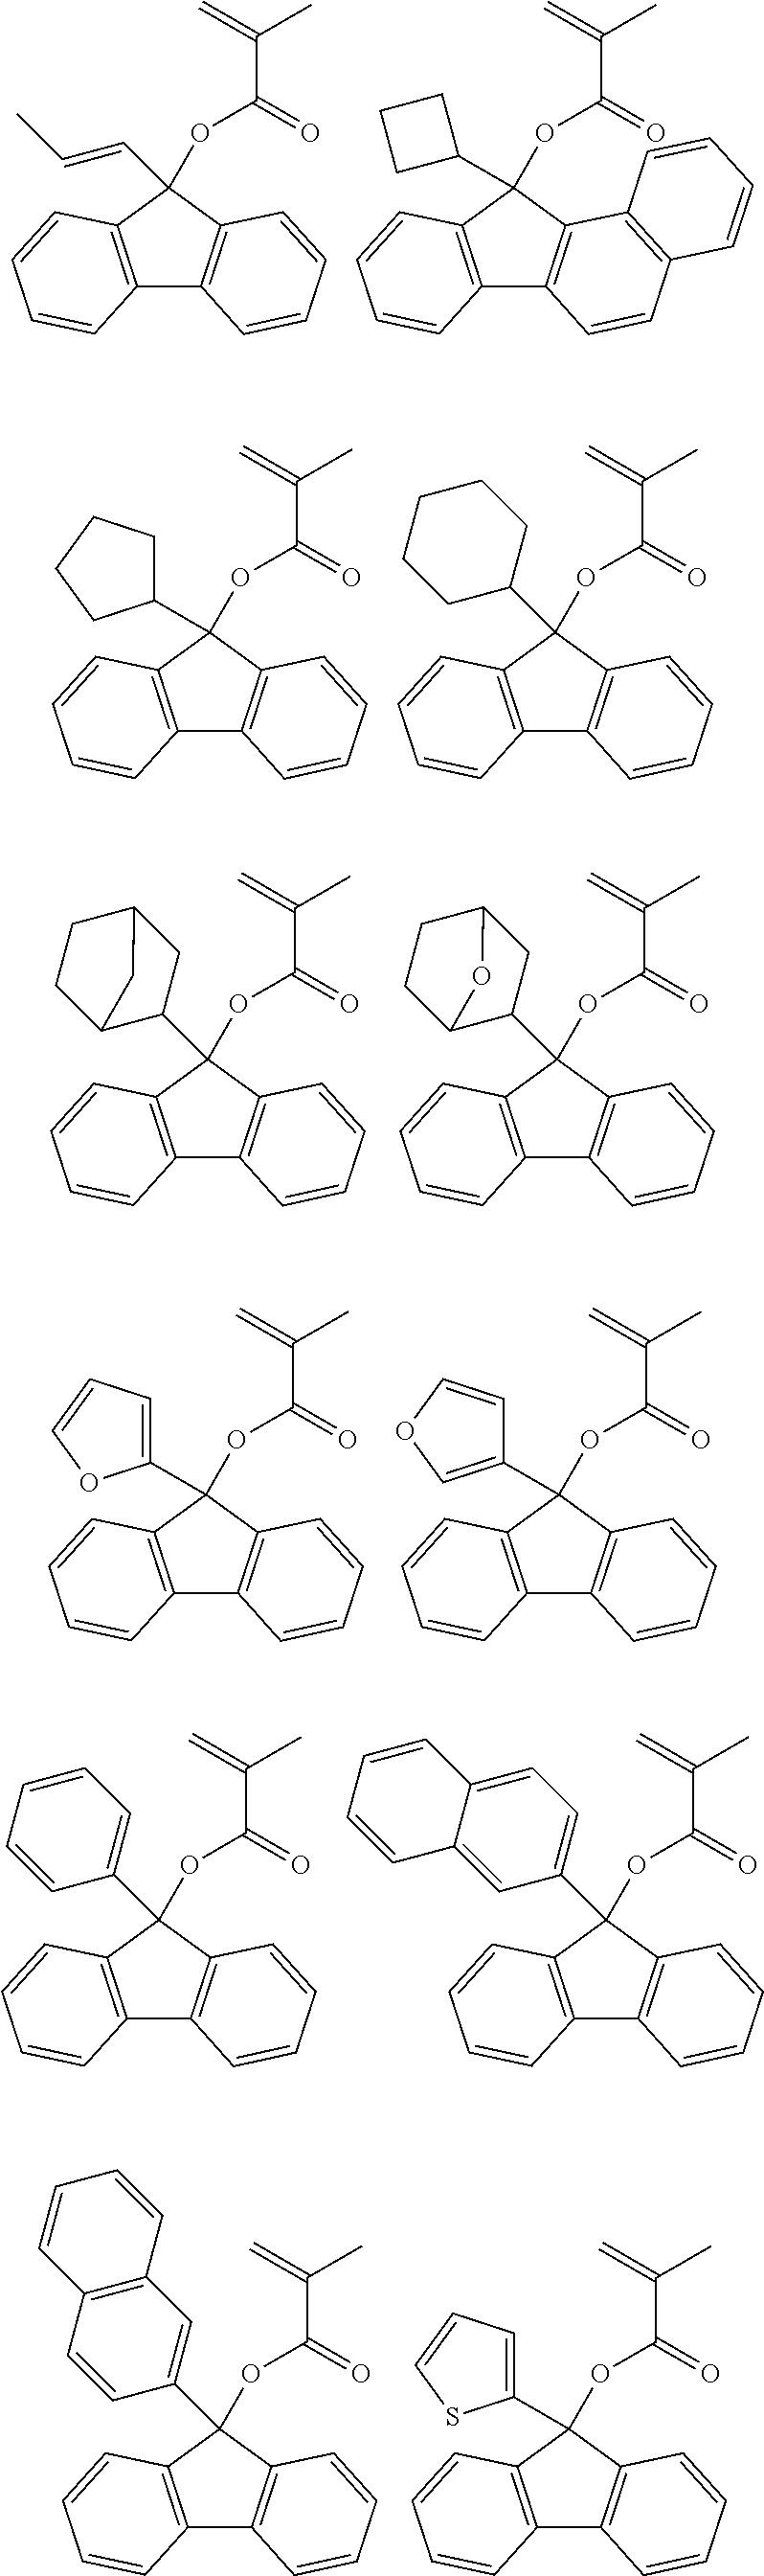 Figure US09023586-20150505-C00054